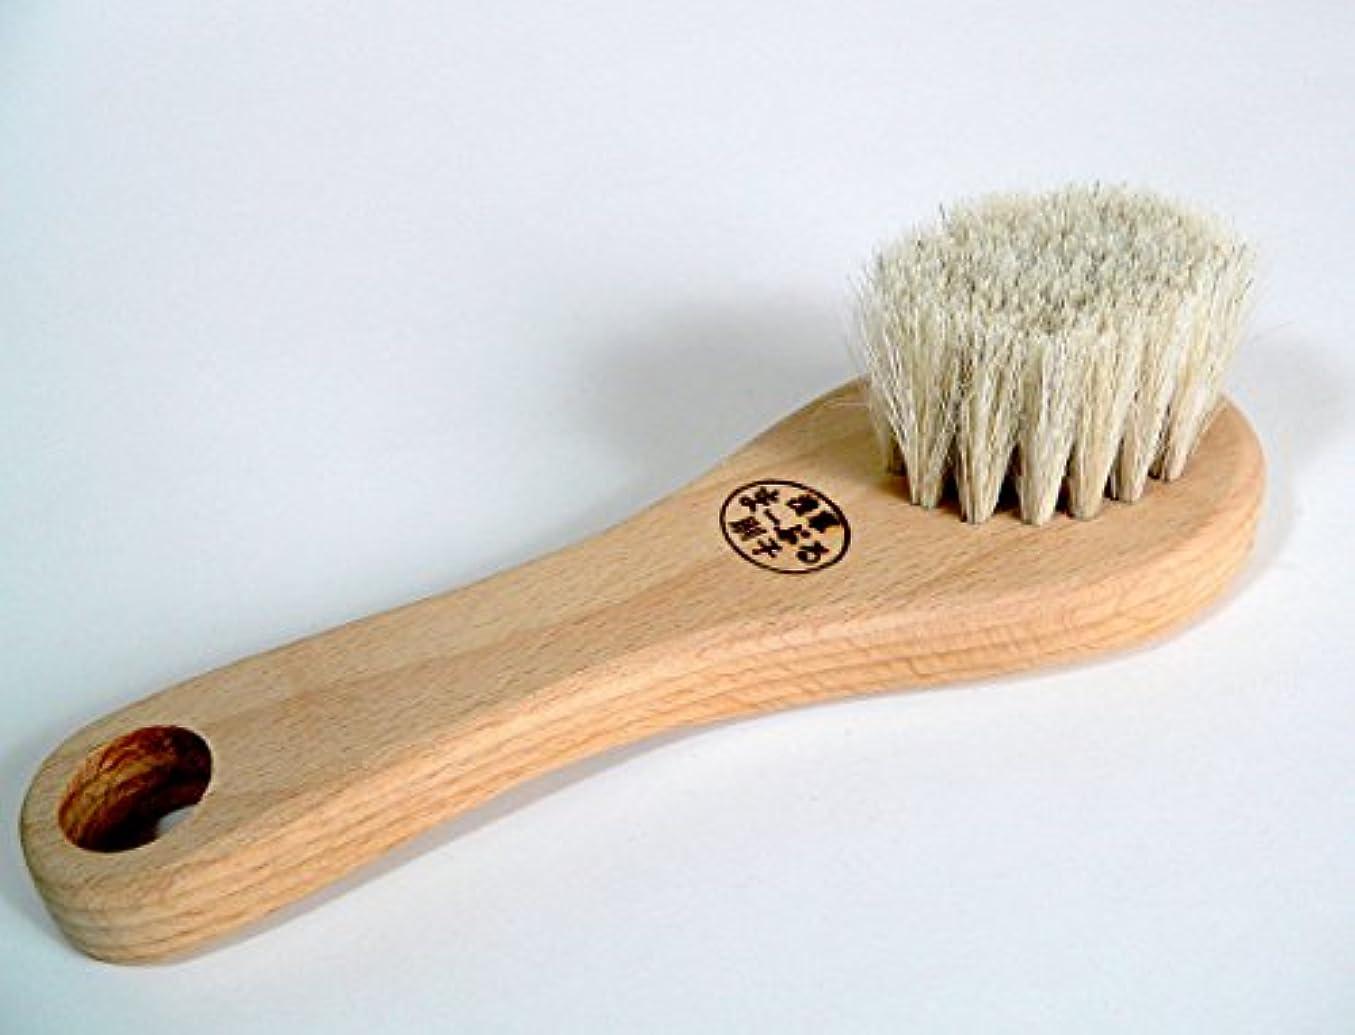 スズメバチ摩擦解放【まーぶる刷子】 フェイスブラシ 白馬毛使用! ※洗顔用ブラシです。